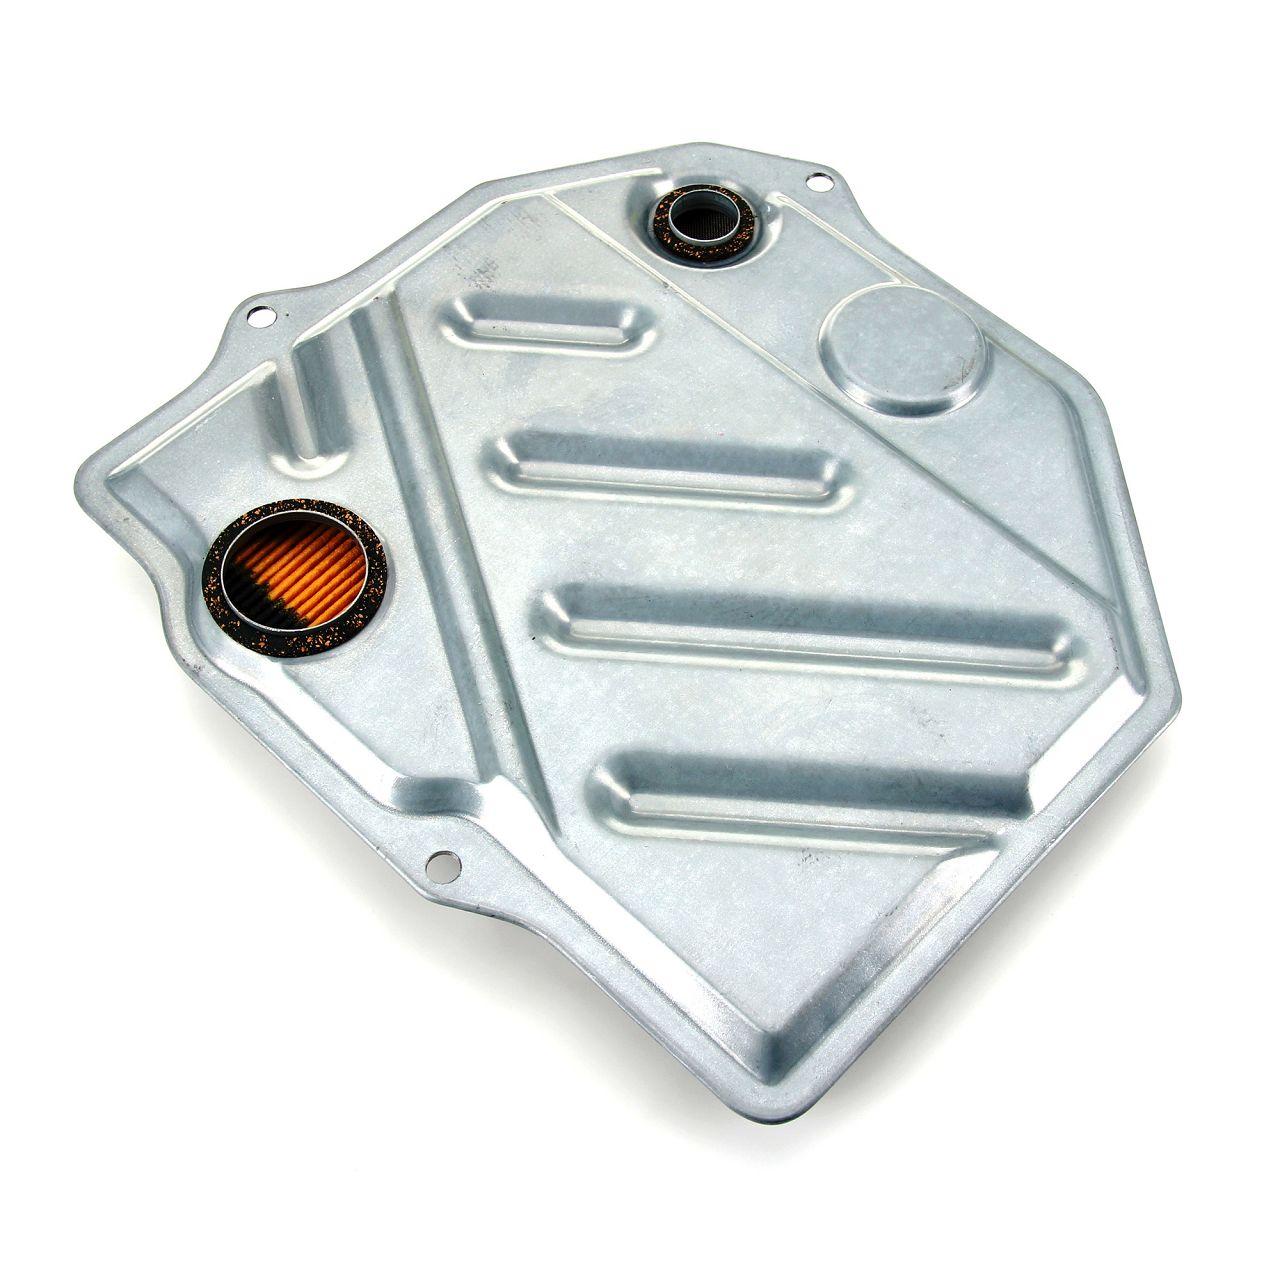 MANN Hydraulikfilter 4-Gang + 5L FUCHS Getriebeöl für MERCEDES W126 R107 W722.3